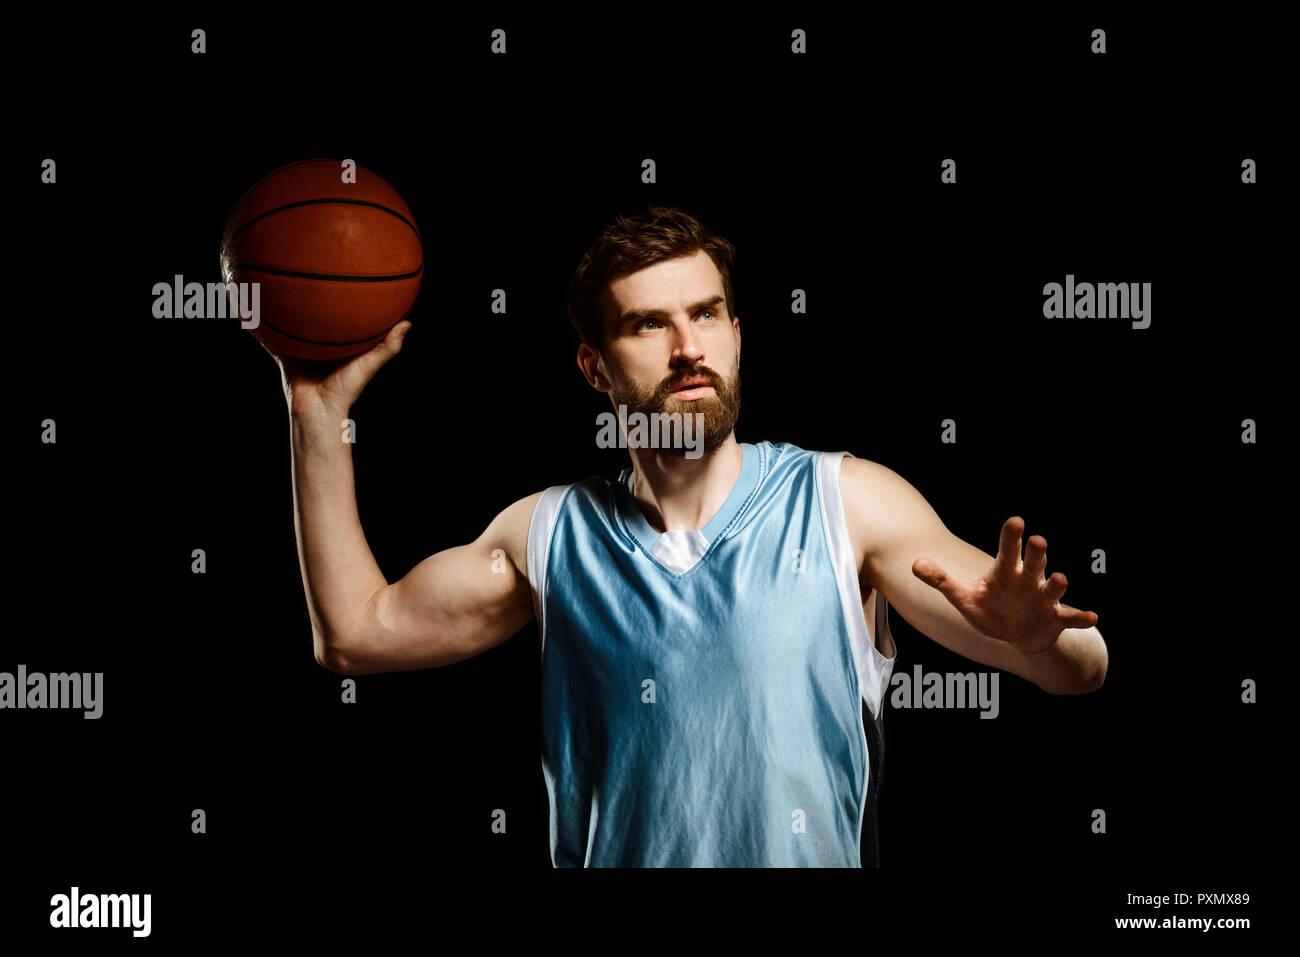 Guapo jugador de baloncesto disparar la bola Foto de stock